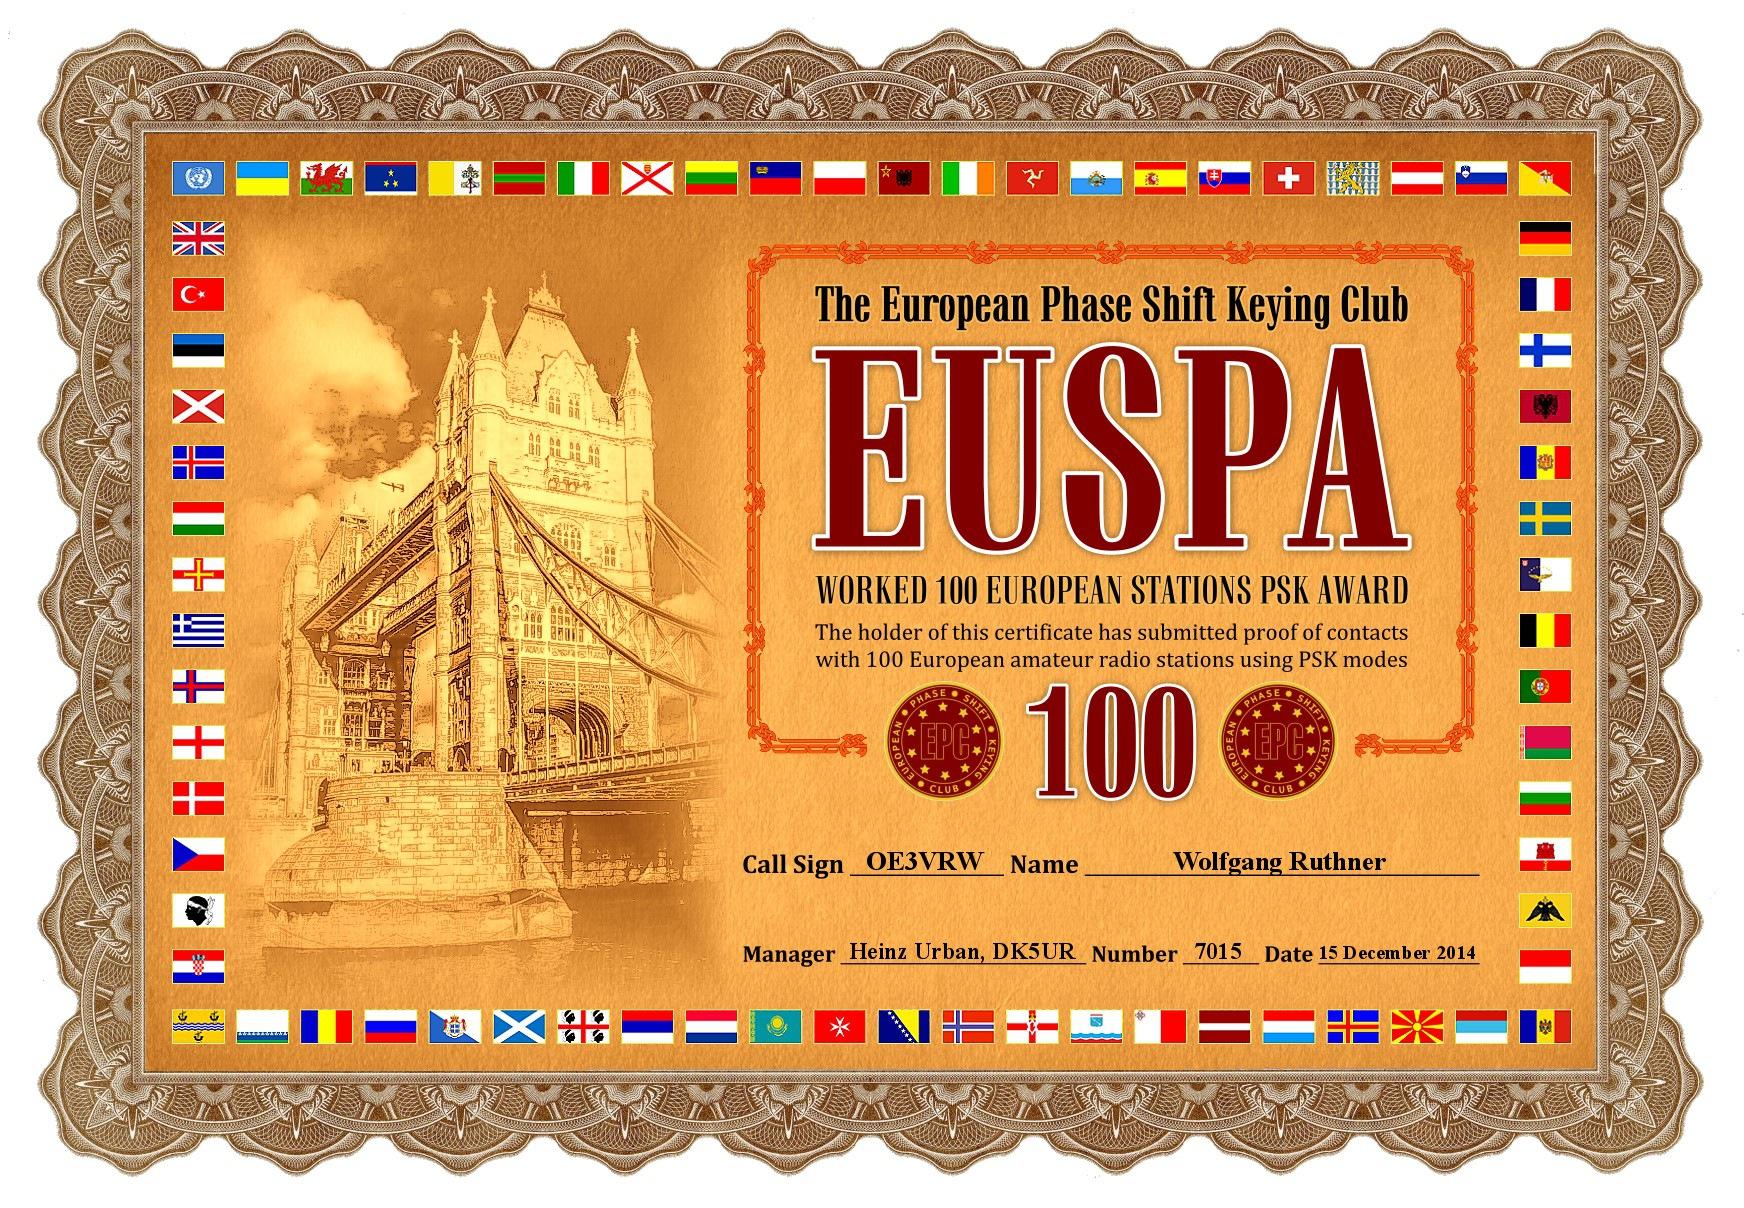 OE3VRW-EUSPA-100